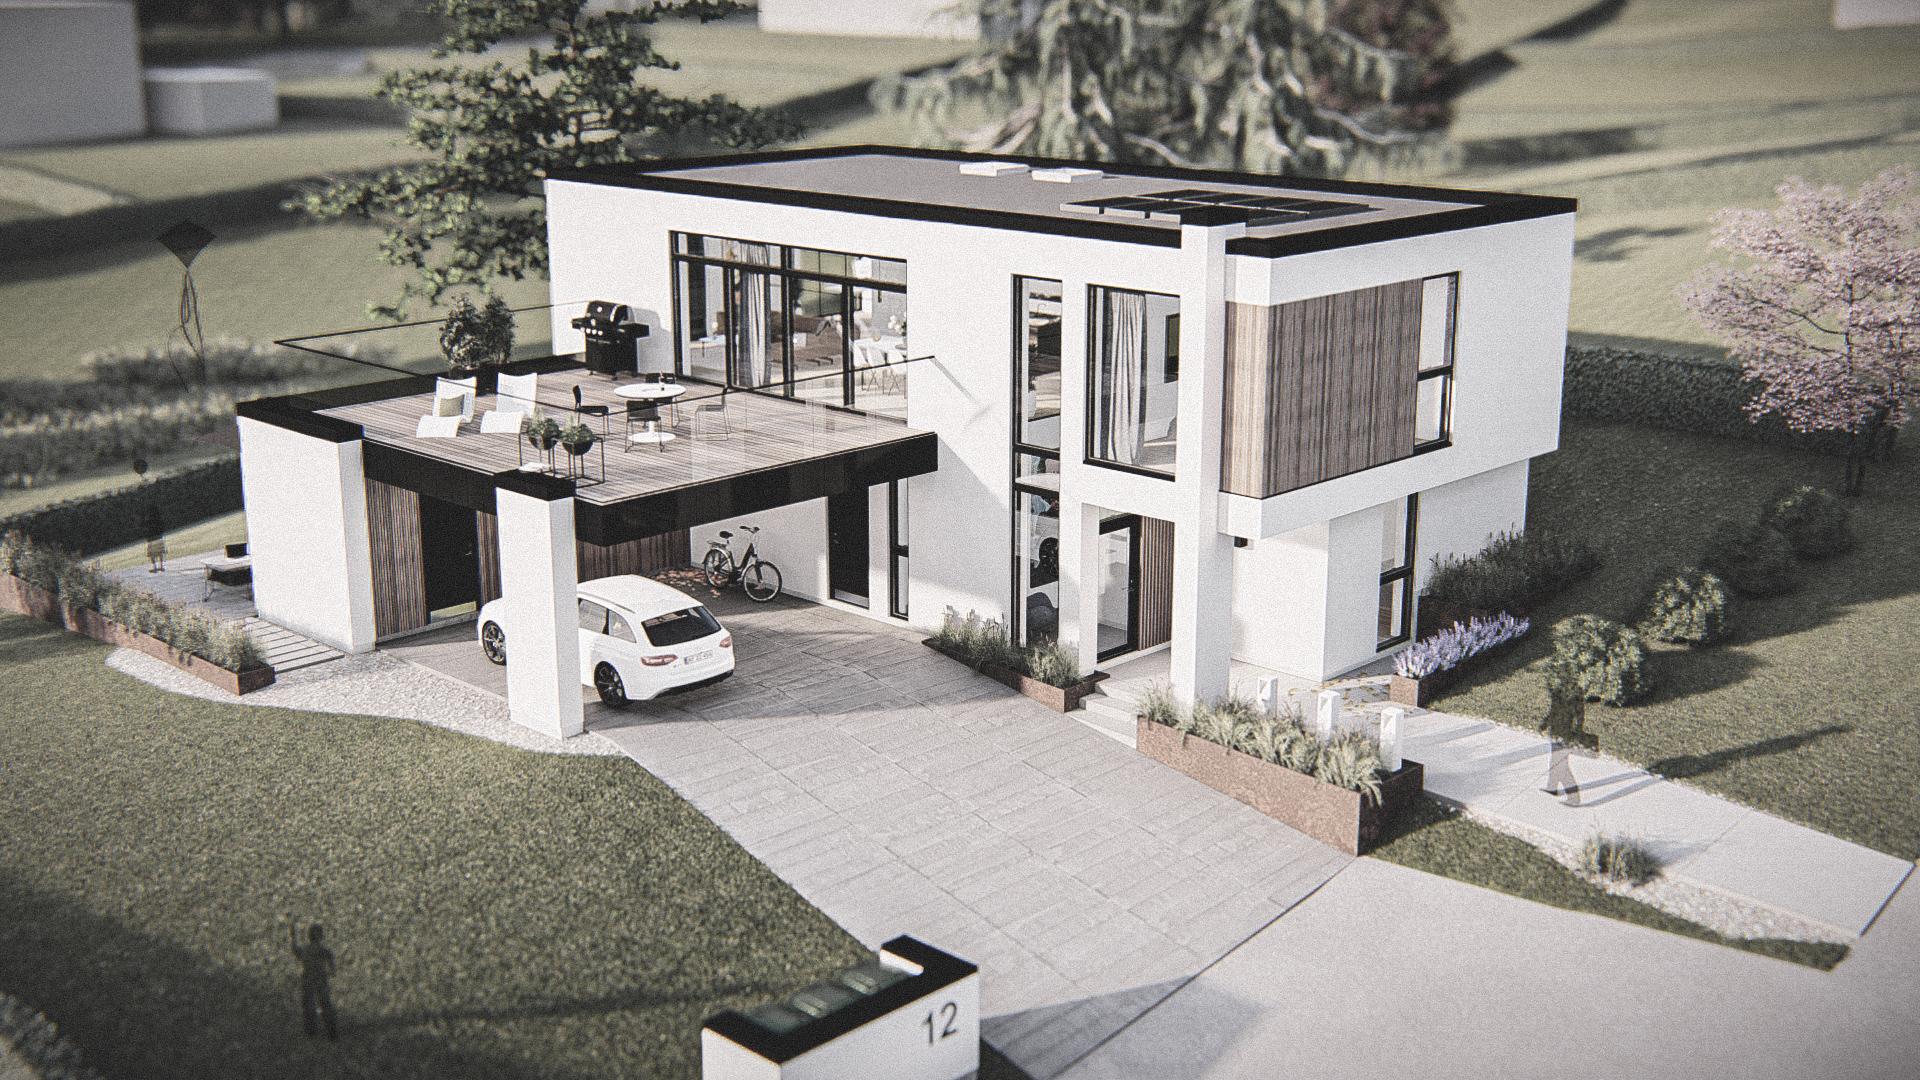 Billede af et arkitekt tegnet projektforslag af ny 2plans drømme villa i Aalborg, af det danske arkitektfirma m2plus